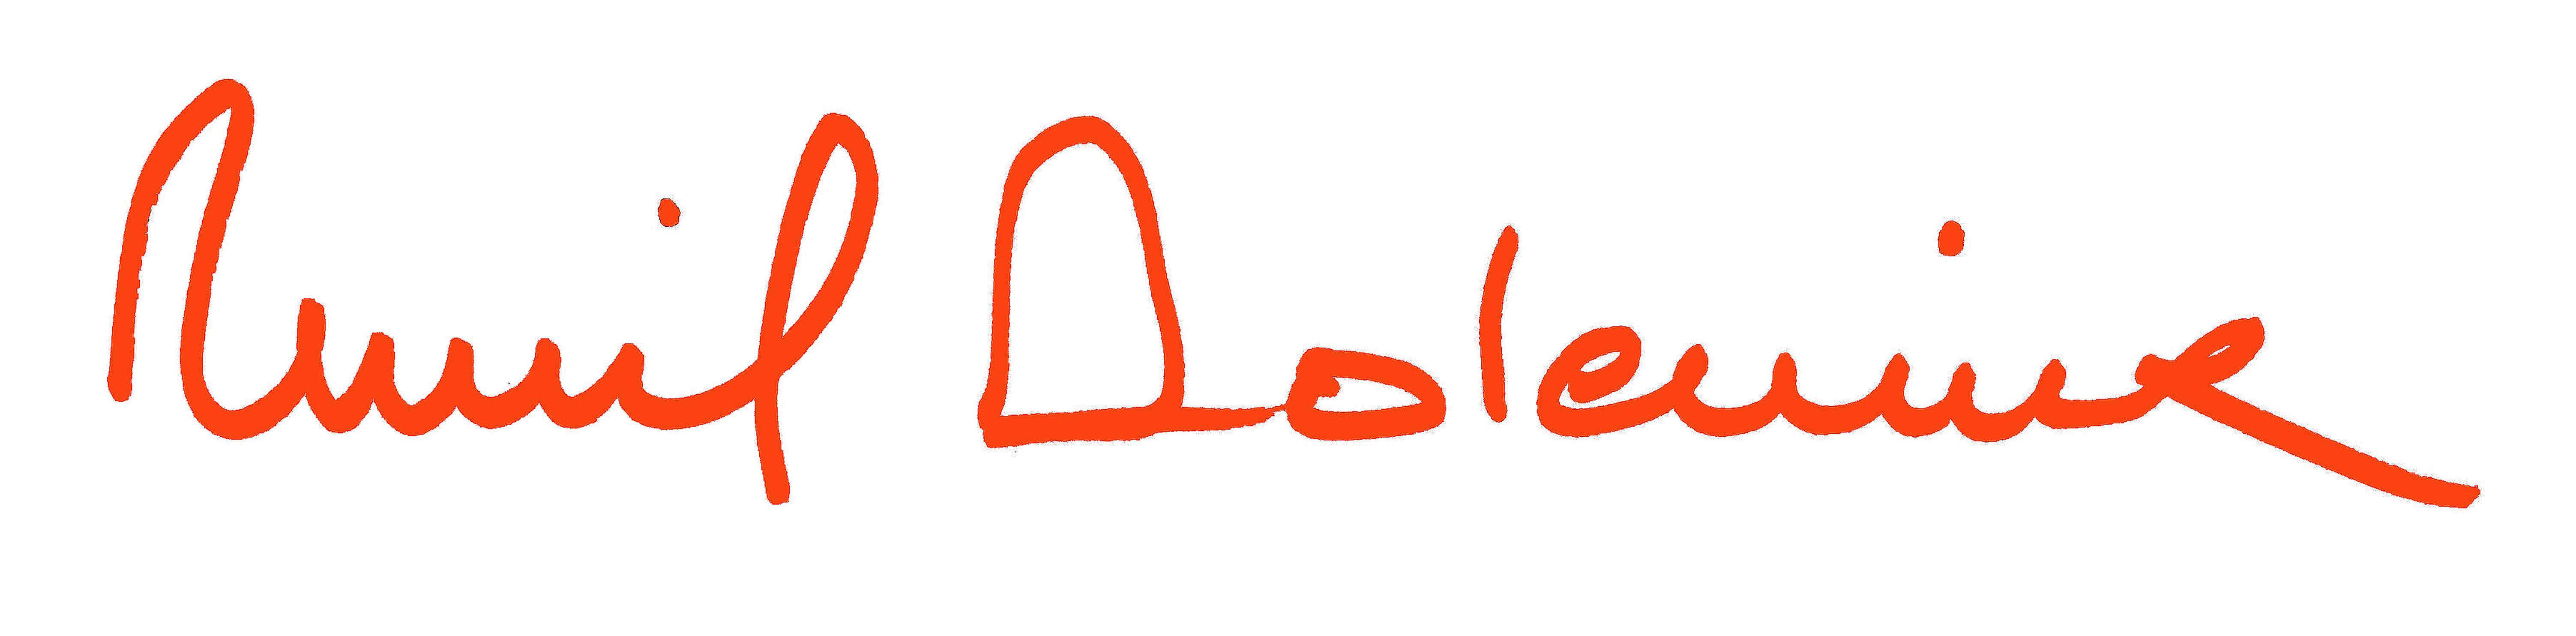 Muriel Dolemieux Signature